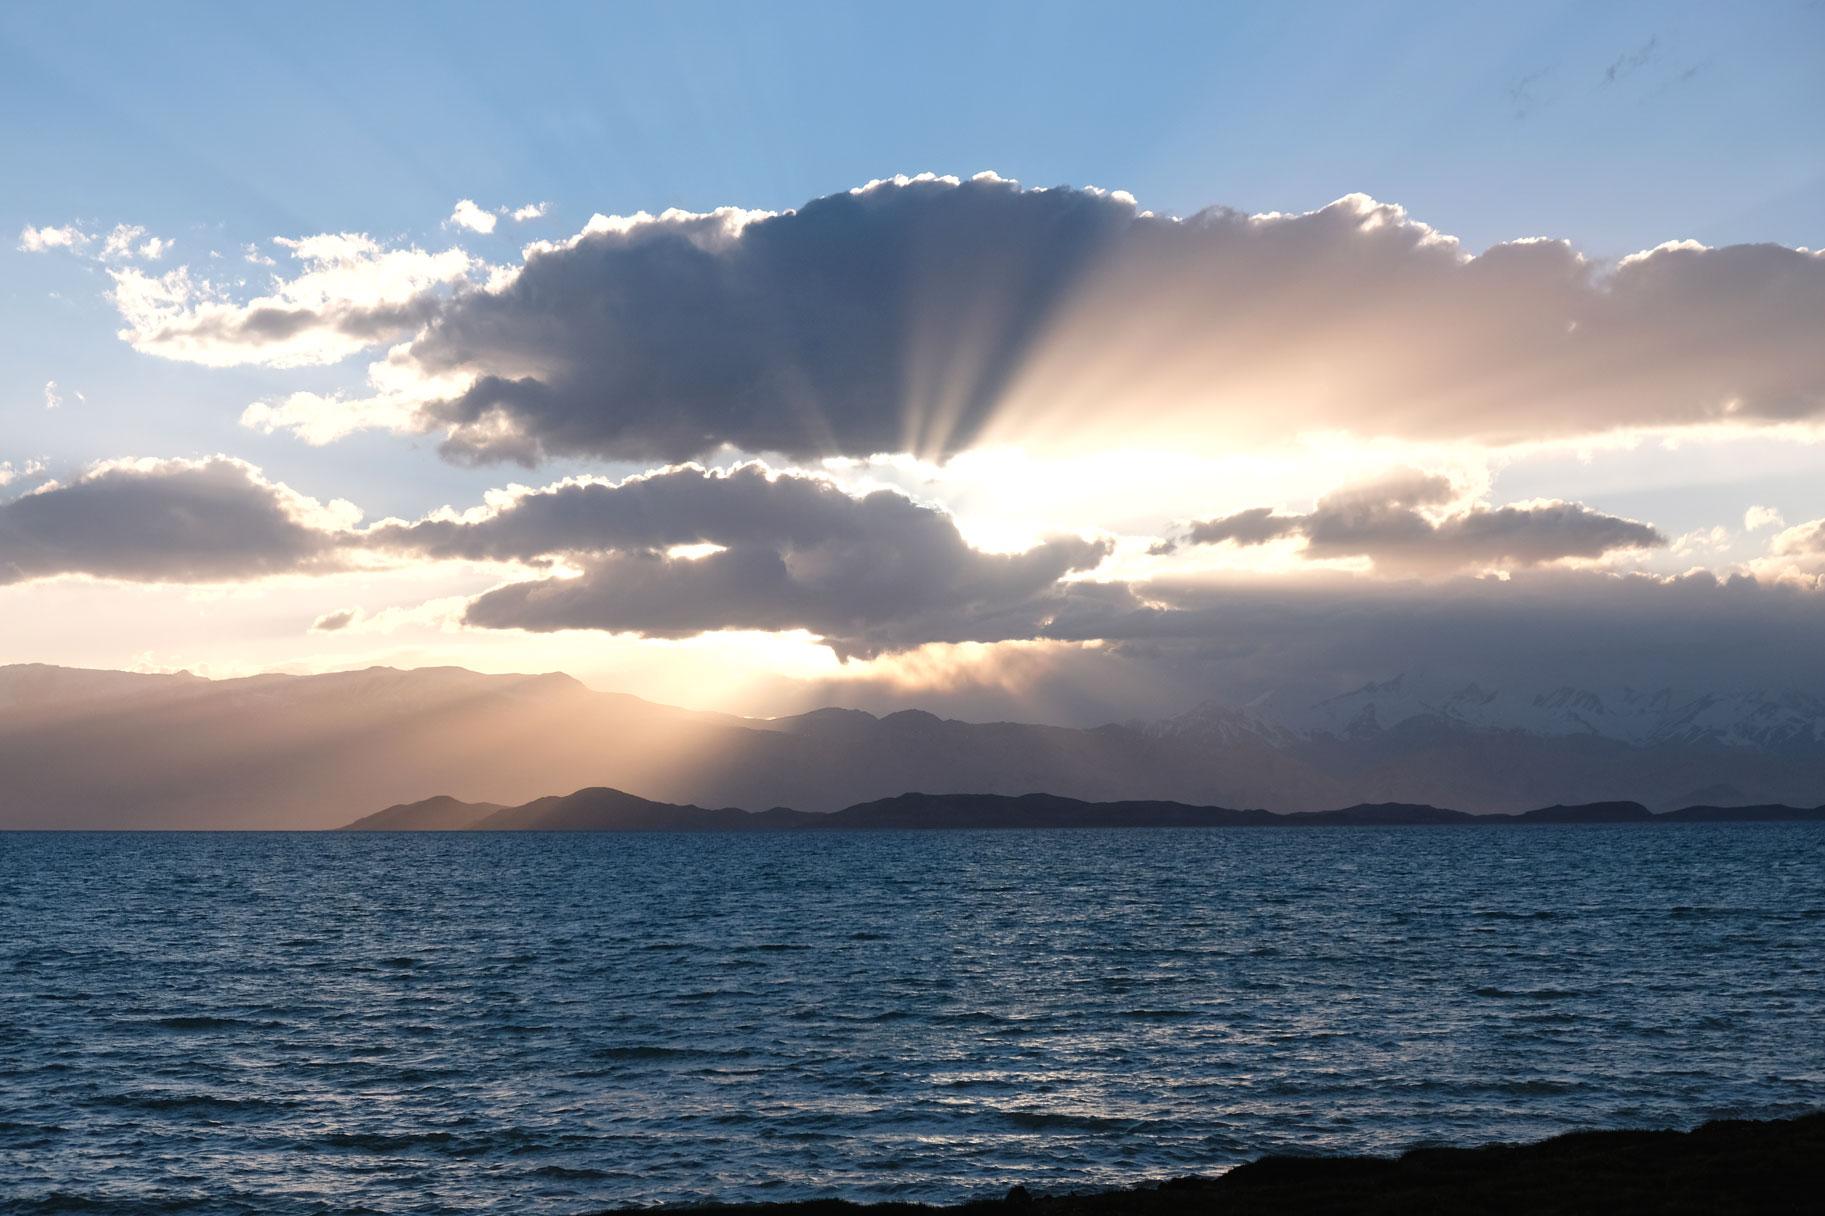 Als wir in Karakol ankommen, senkt sich die Sonne bereits über dem Karakol-See